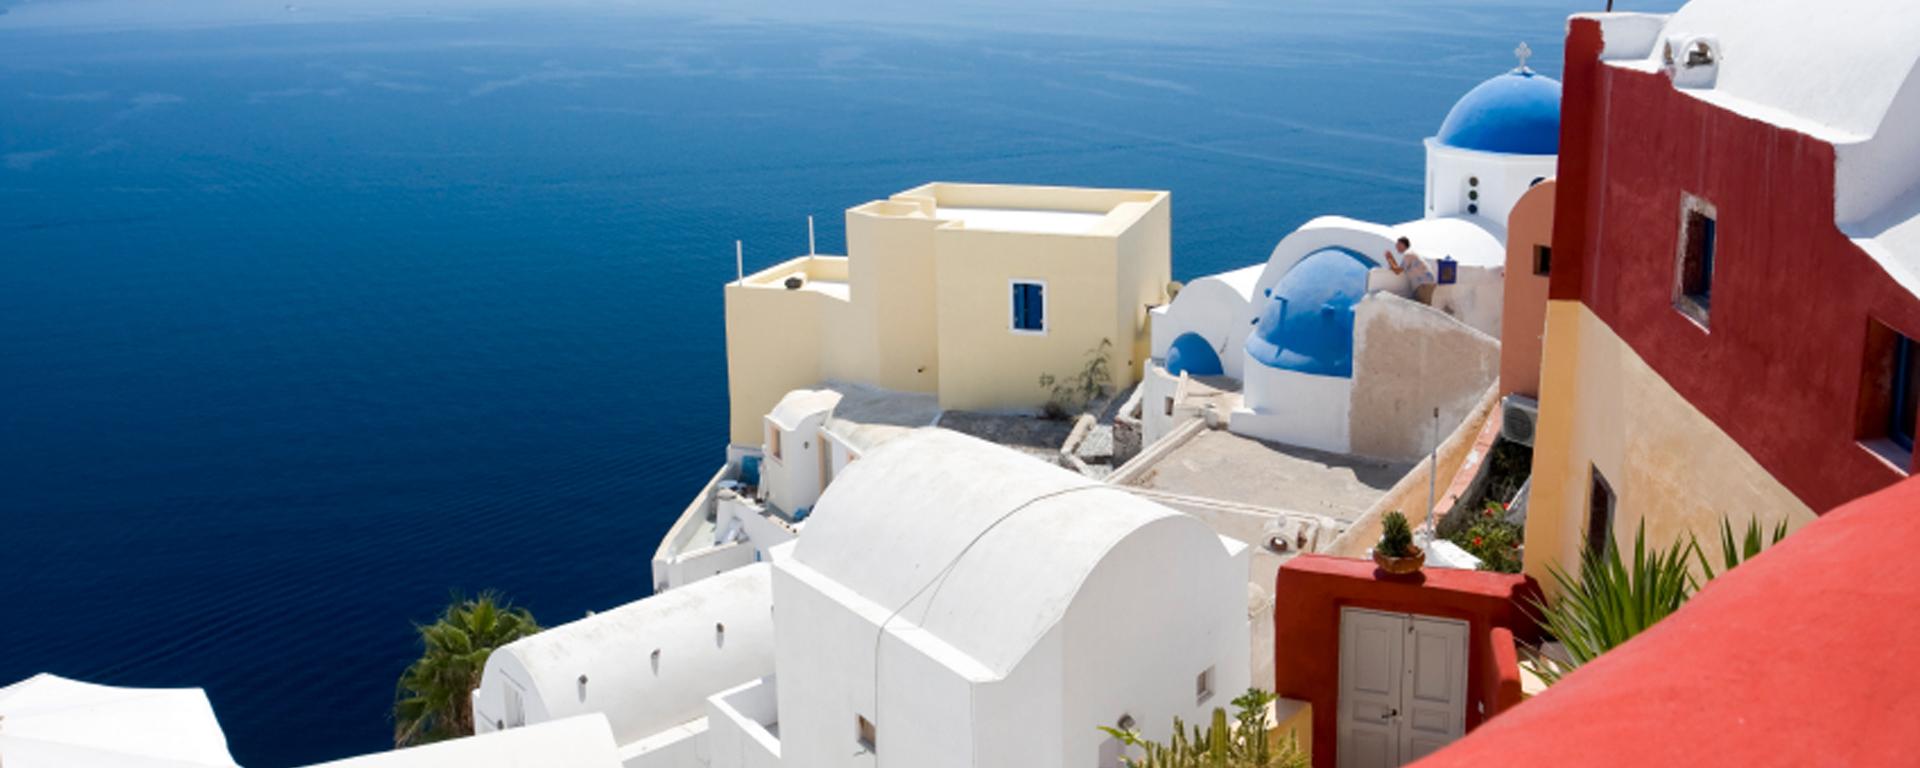 Vacanze in grecia conviene prenotare o acquistare una - Conviene ristrutturare una casa ...